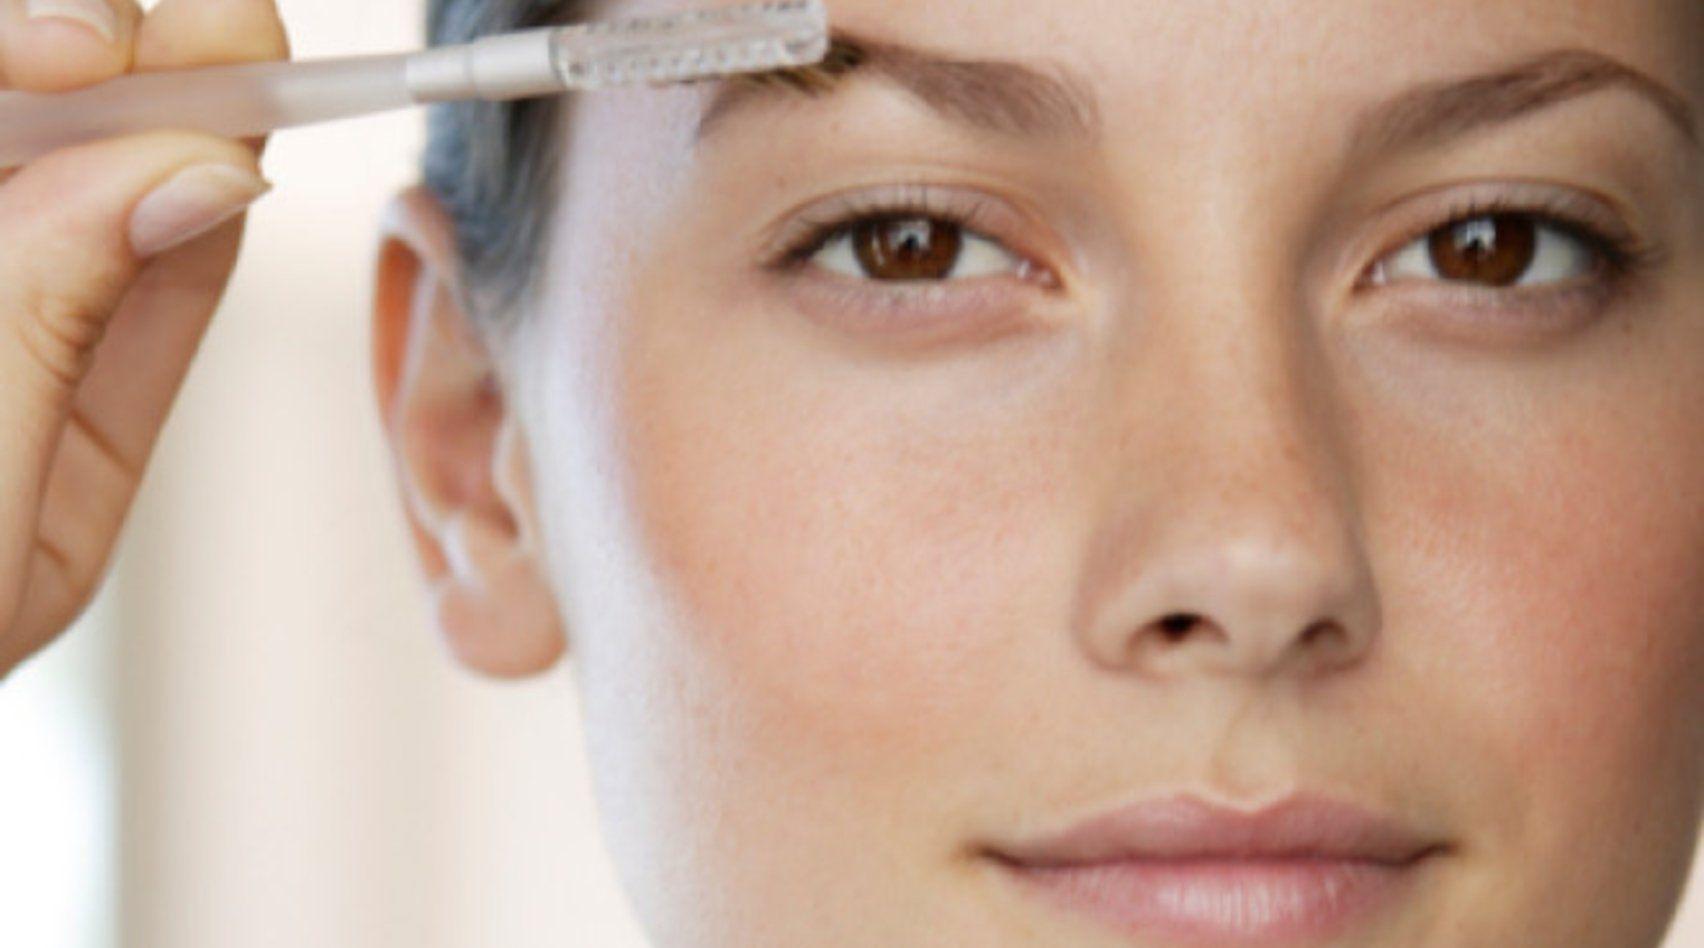 Augenbrauenpuder richtig anwenden